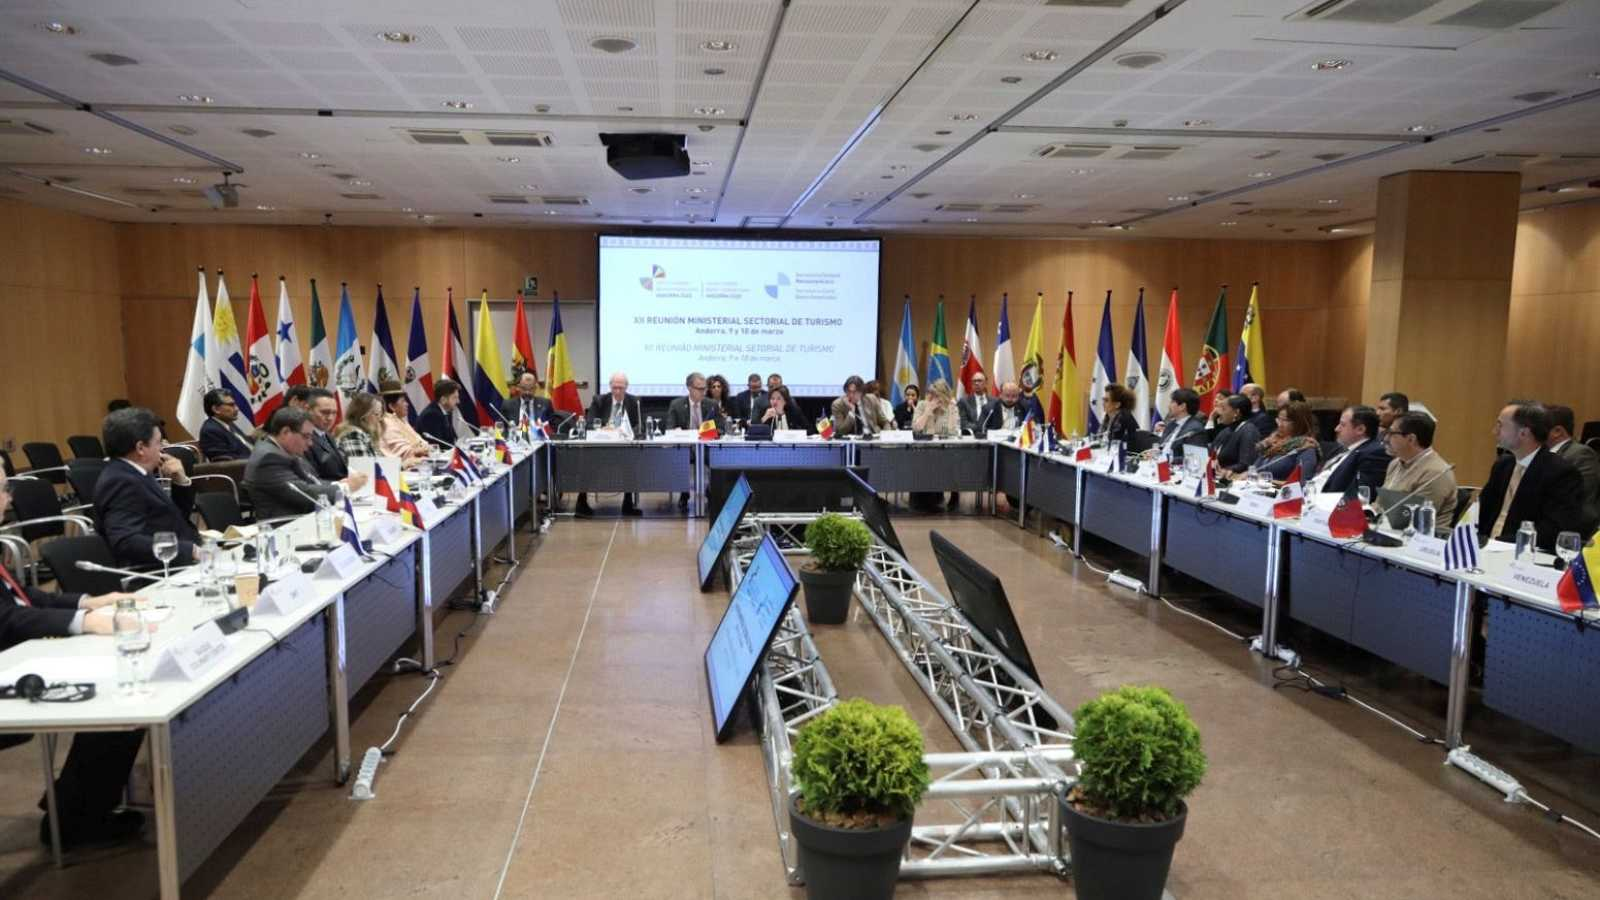 La pandemia y el desarrollo, los principales asuntos que se abordarán en la XXVII Cumbre Iberoamericana